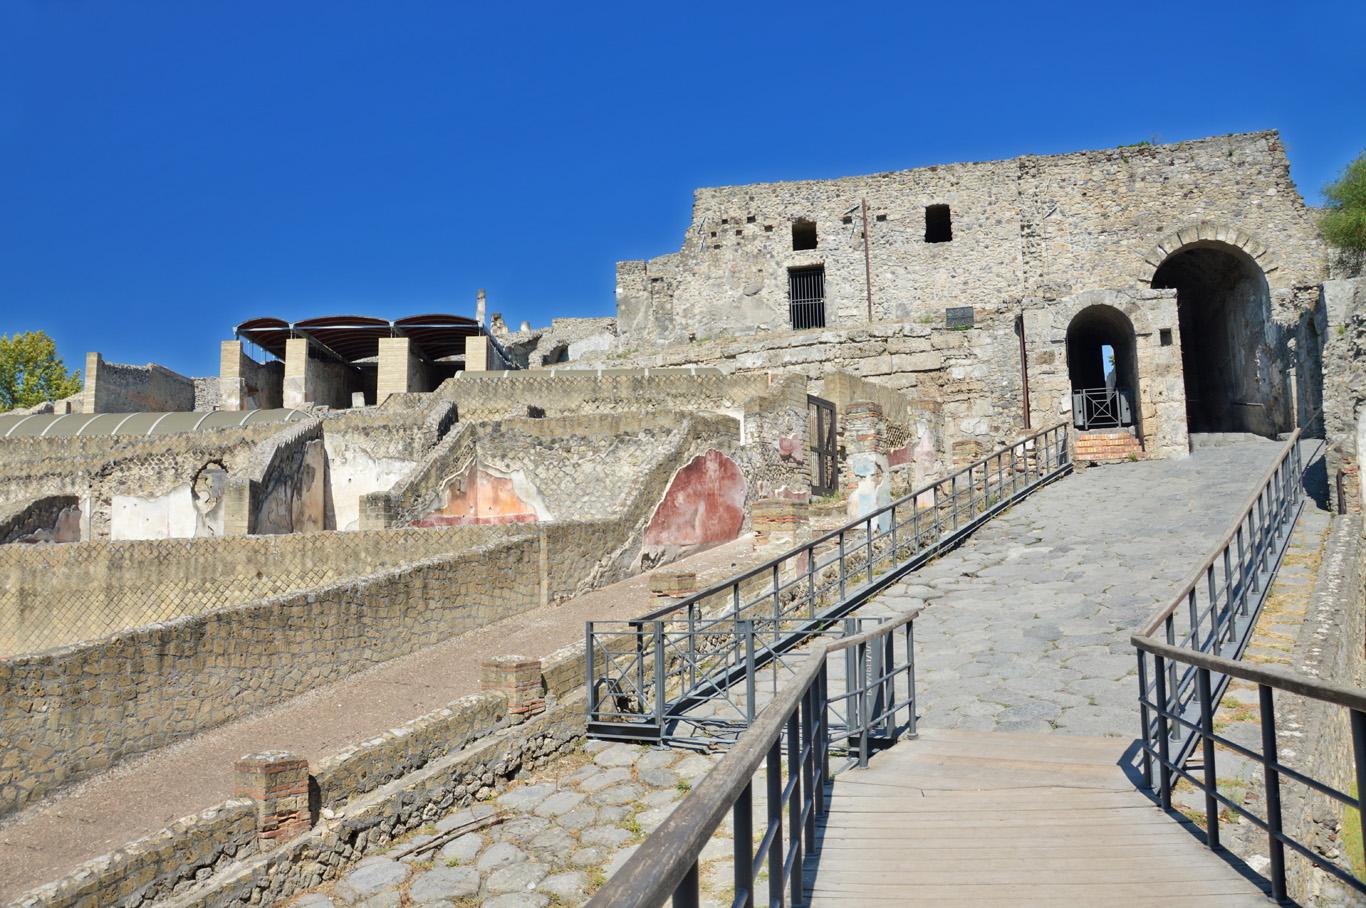 The main gate to Pompeii